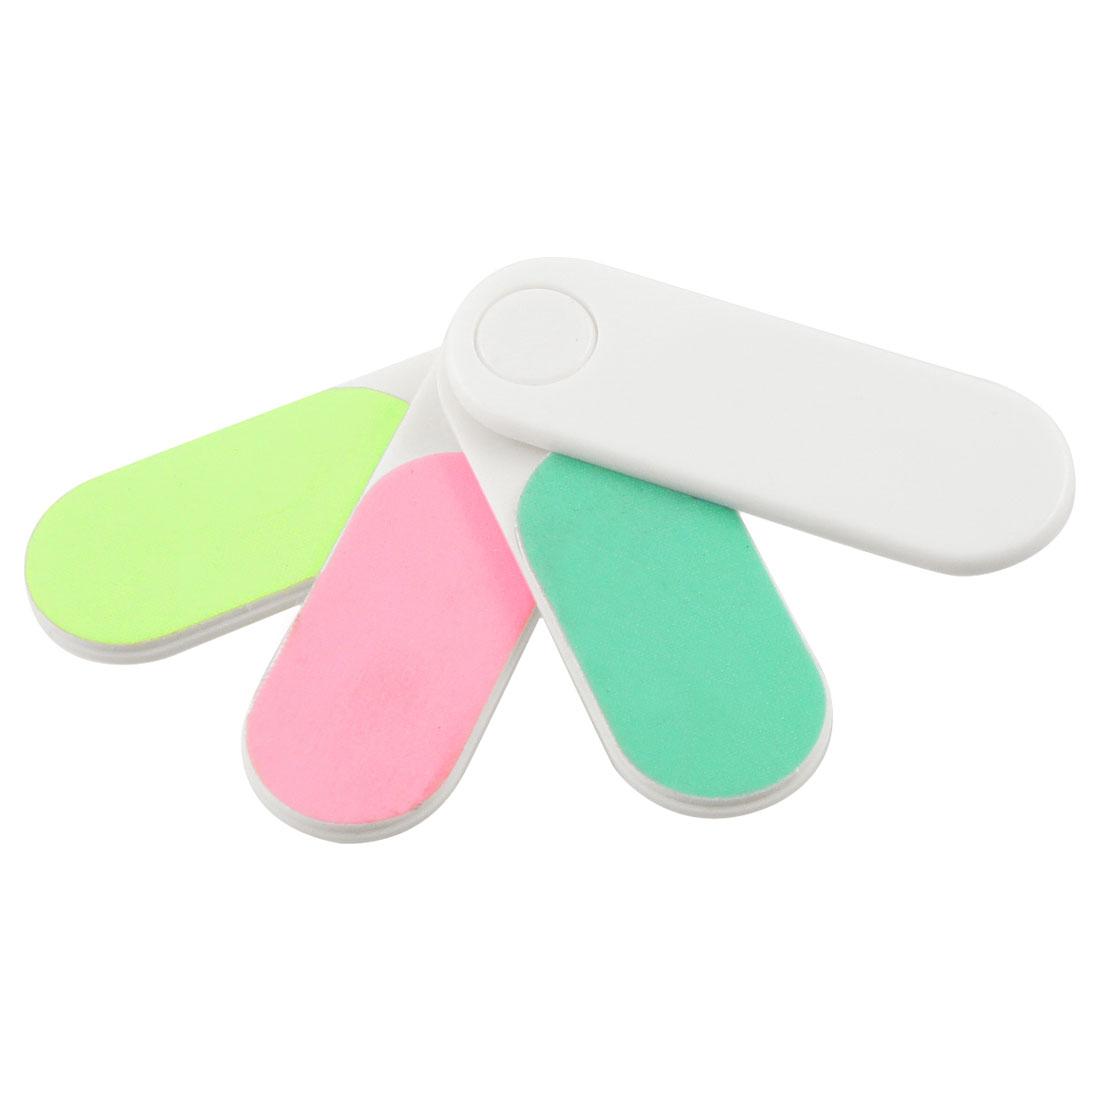 Fingernail Care Implement Buffer Polish 4 in 1 Mini Nail File